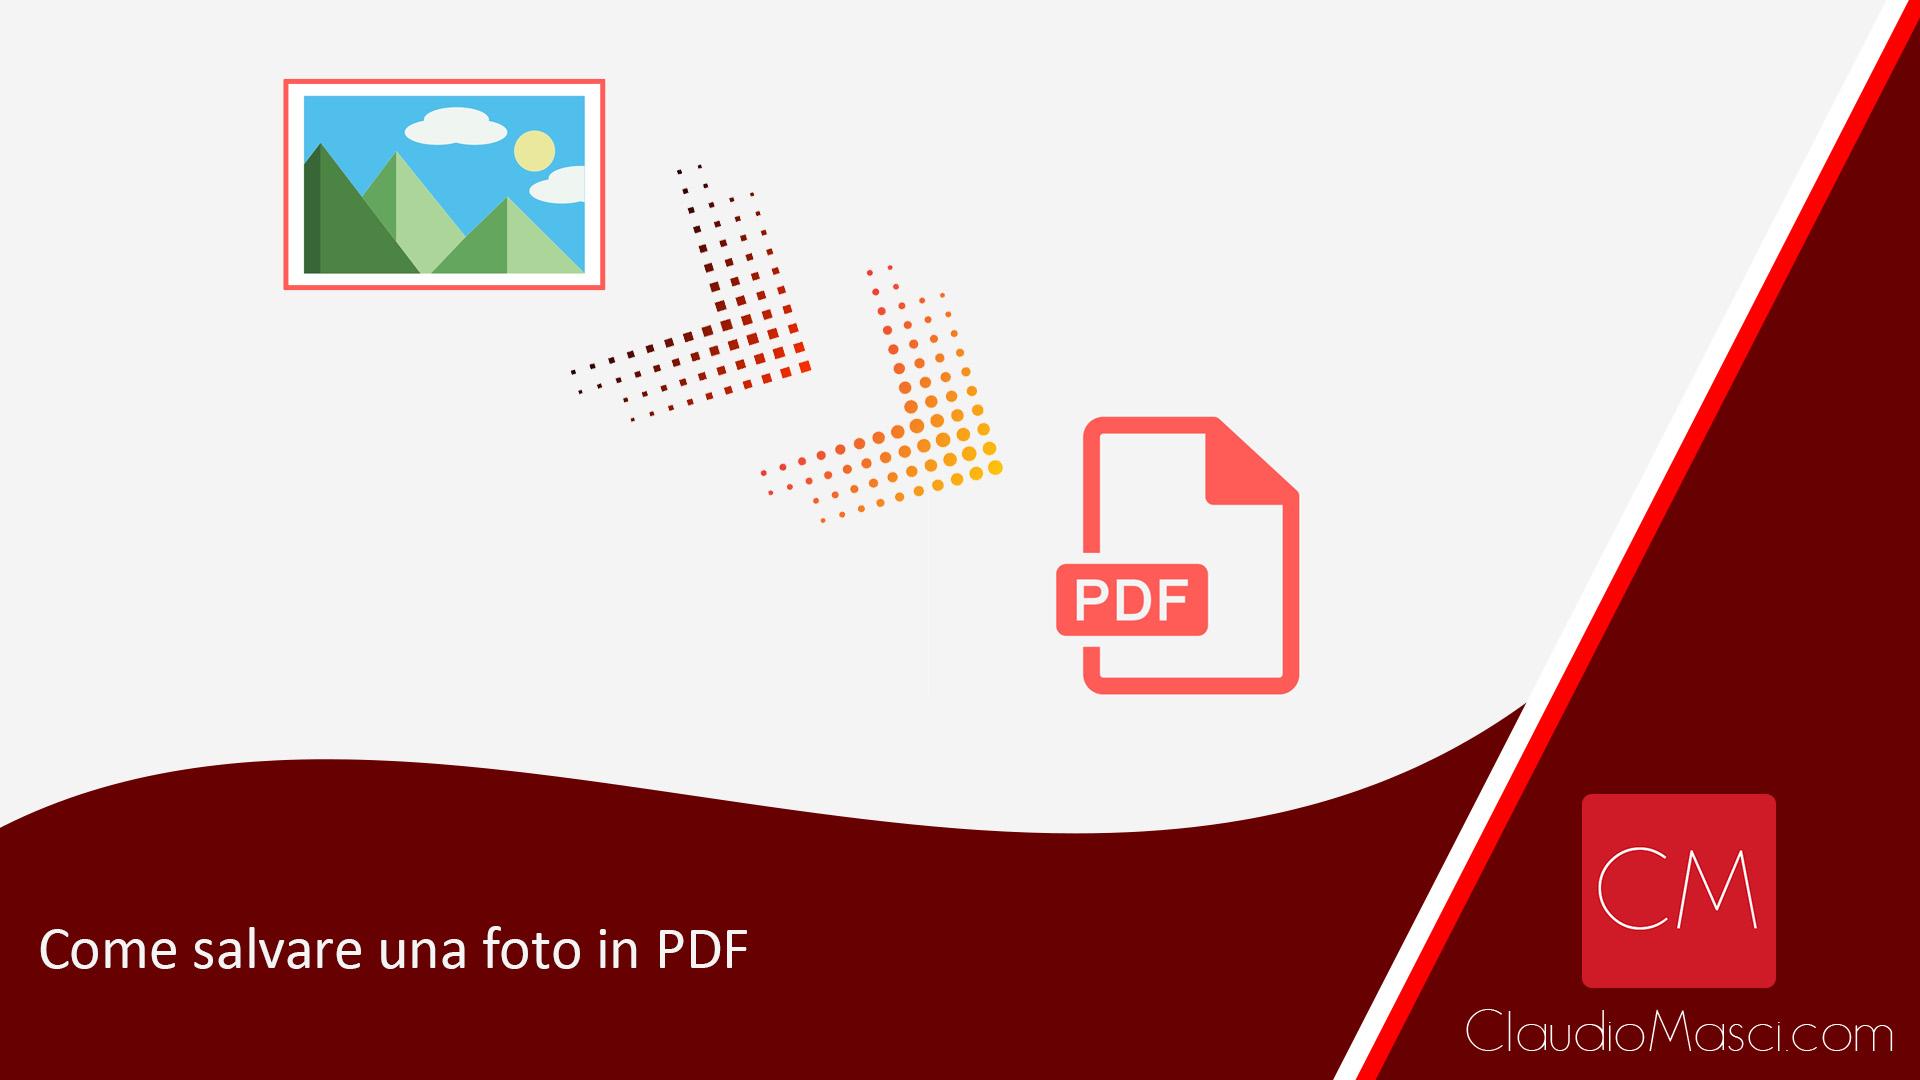 Come salvare una foto in PDF